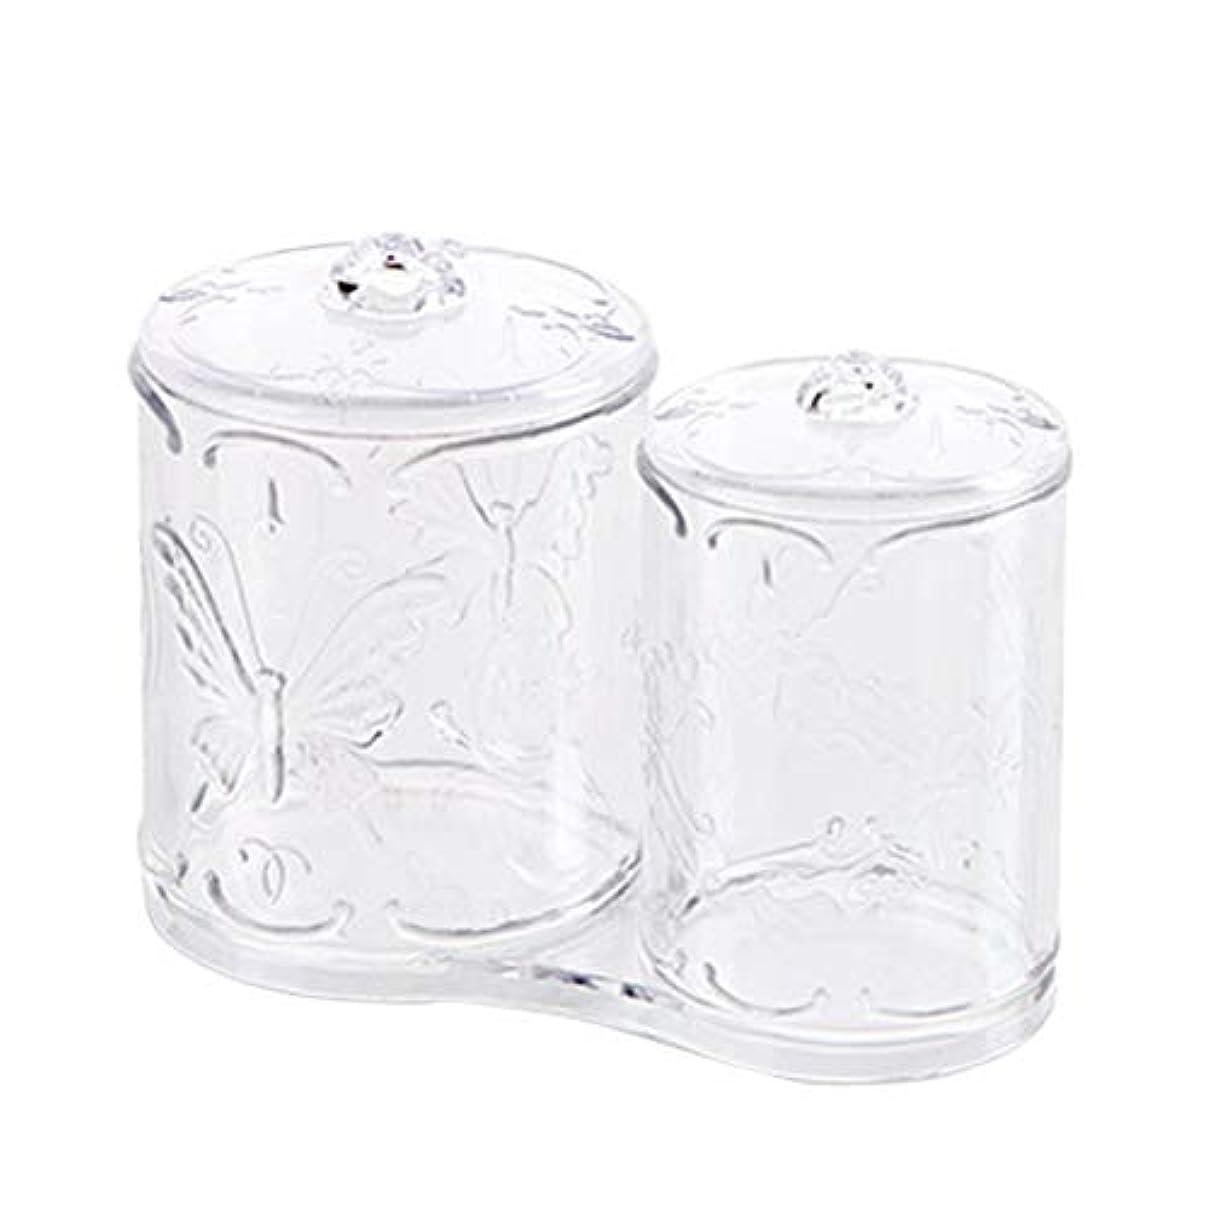 楽しませる対立知り合いになるOUNONA 綿棒ケース 綿棒ボックス コスメボックス プラスチック 2in1 コットン フタ付き メイクケース パフ 小物 コスメ 化粧品 ジュエリー アクセサリー 収納 多機能 防塵 透明 卓上 浴室